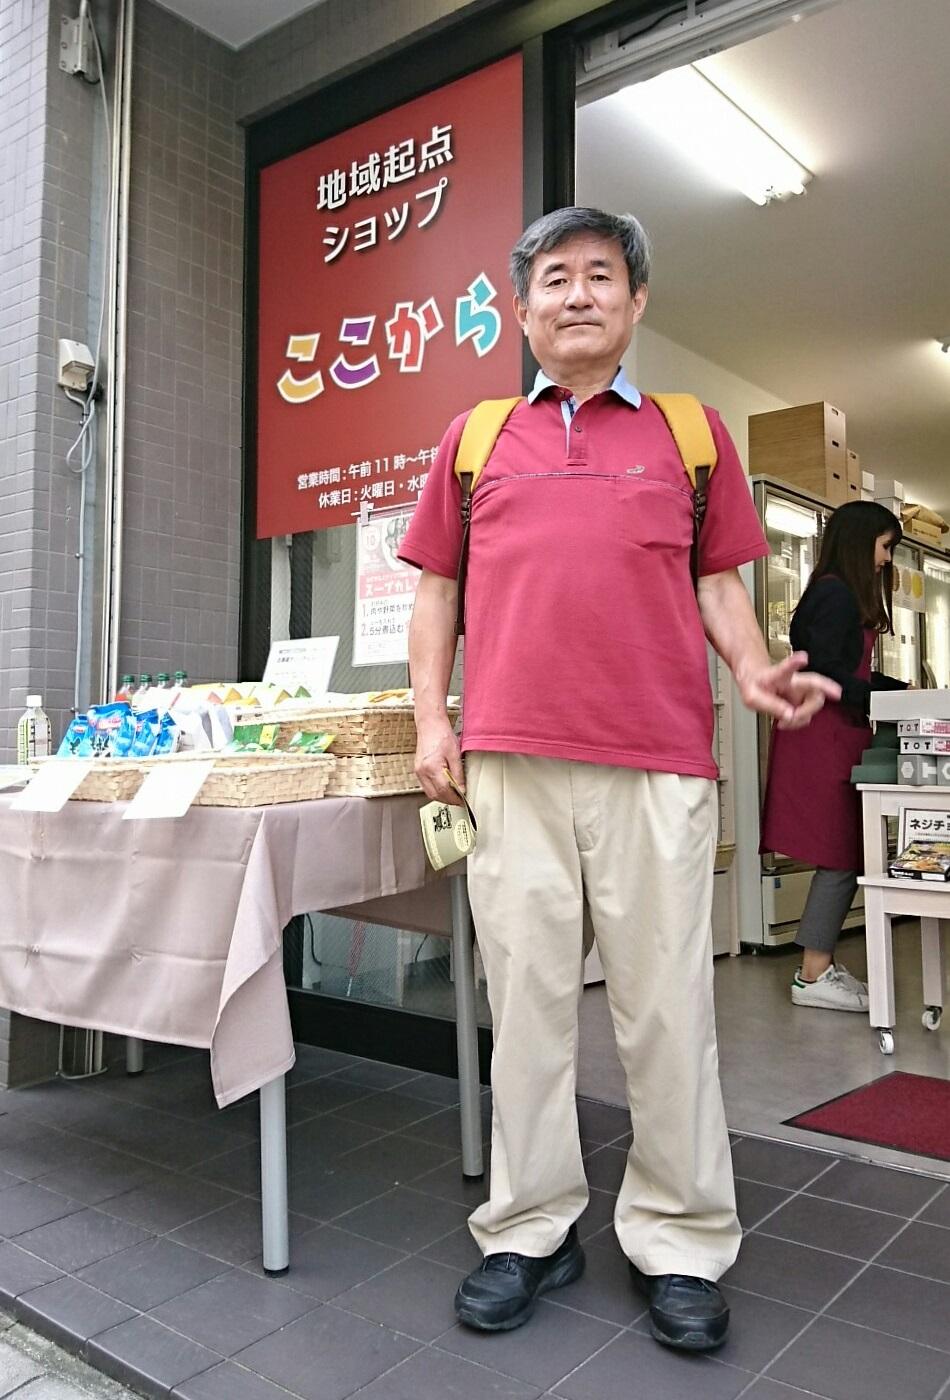 2017.10.12 東京 (76) 戸越銀座 - 地域起点ショップここから 950-1400